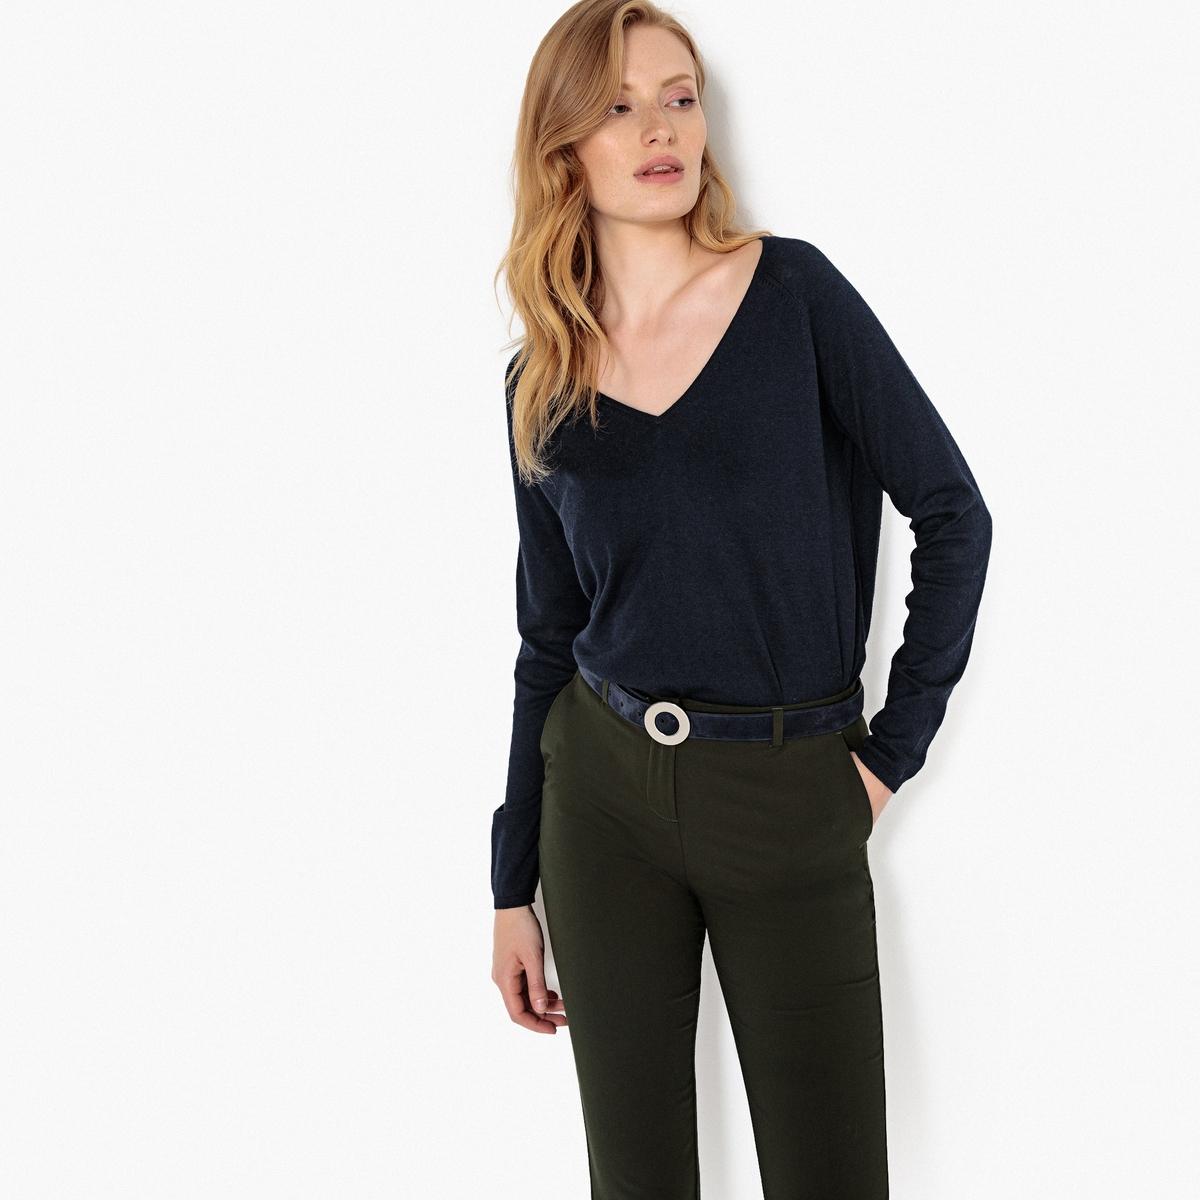 Пуловер базовый с V-образным вырезом, форма футляра